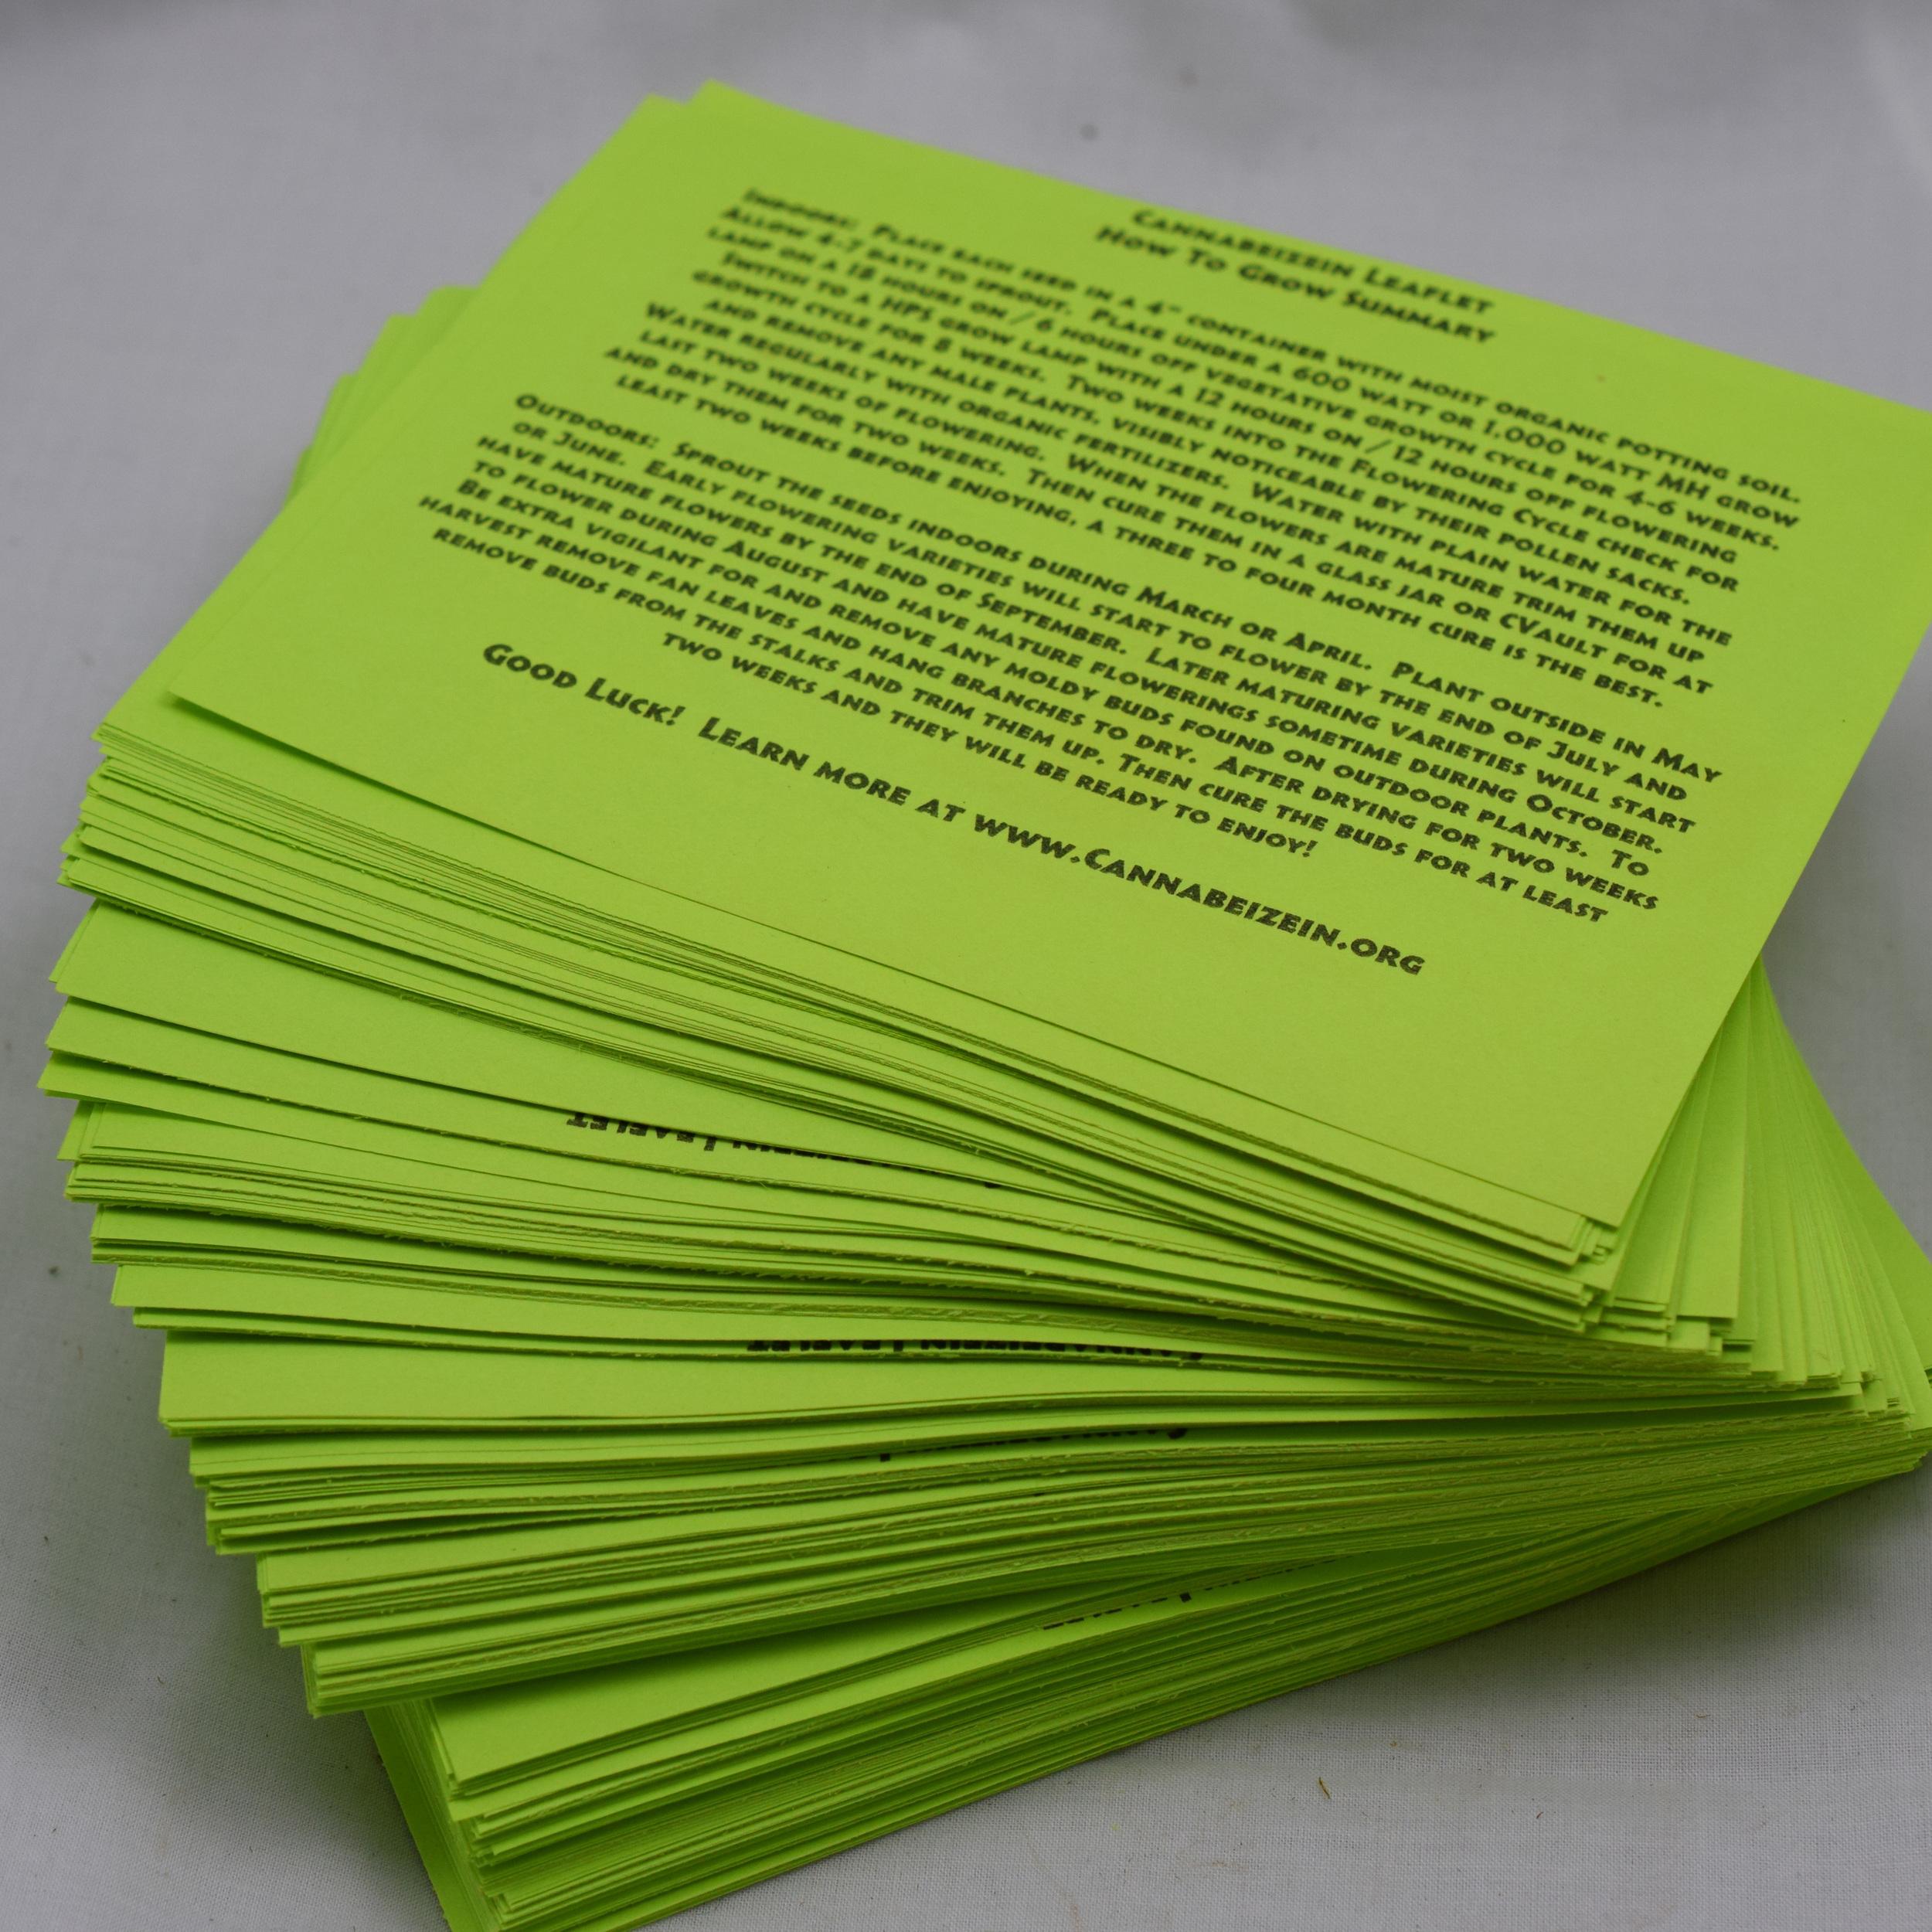 Cannabeizein 0183 - Leaflet - DSC_0050.jpg